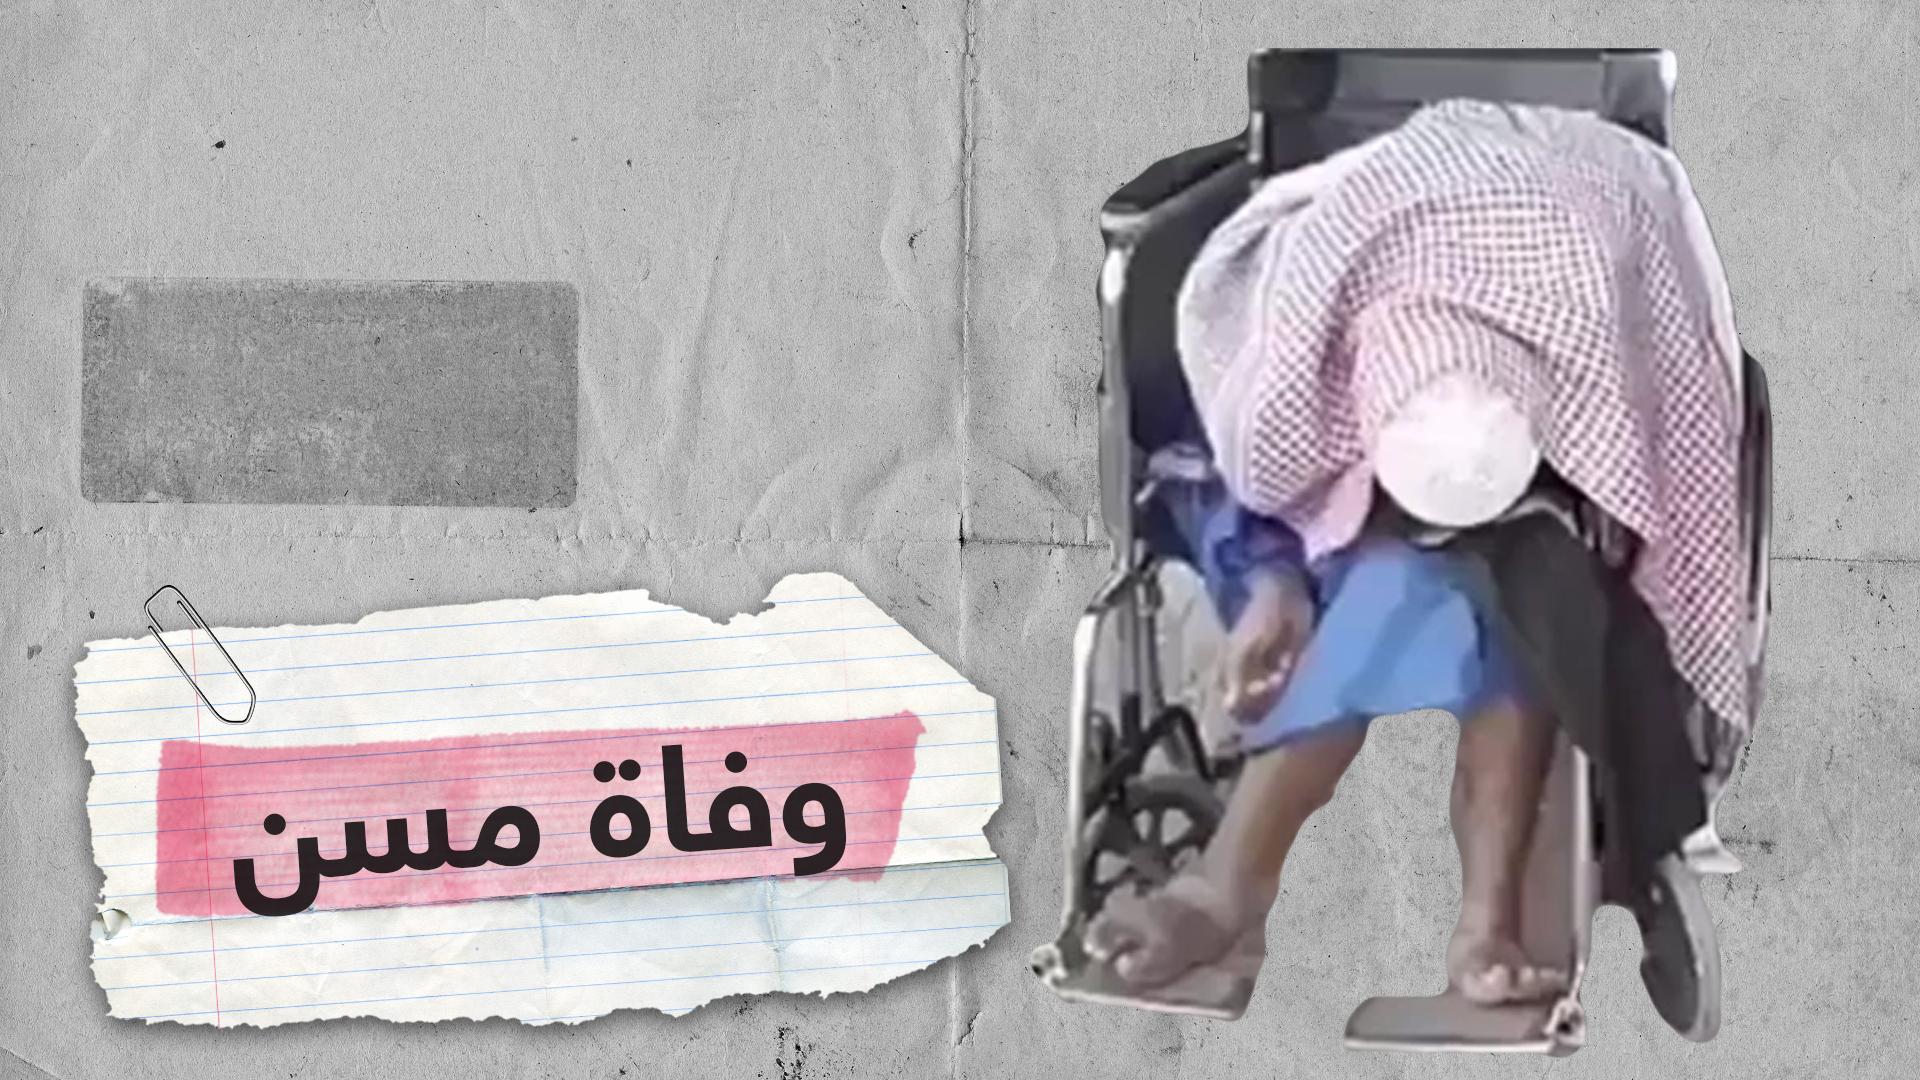 مسن آسيوي بالكويت يثير تفاعلا بعد وفاته على كرسي أمام مشفى